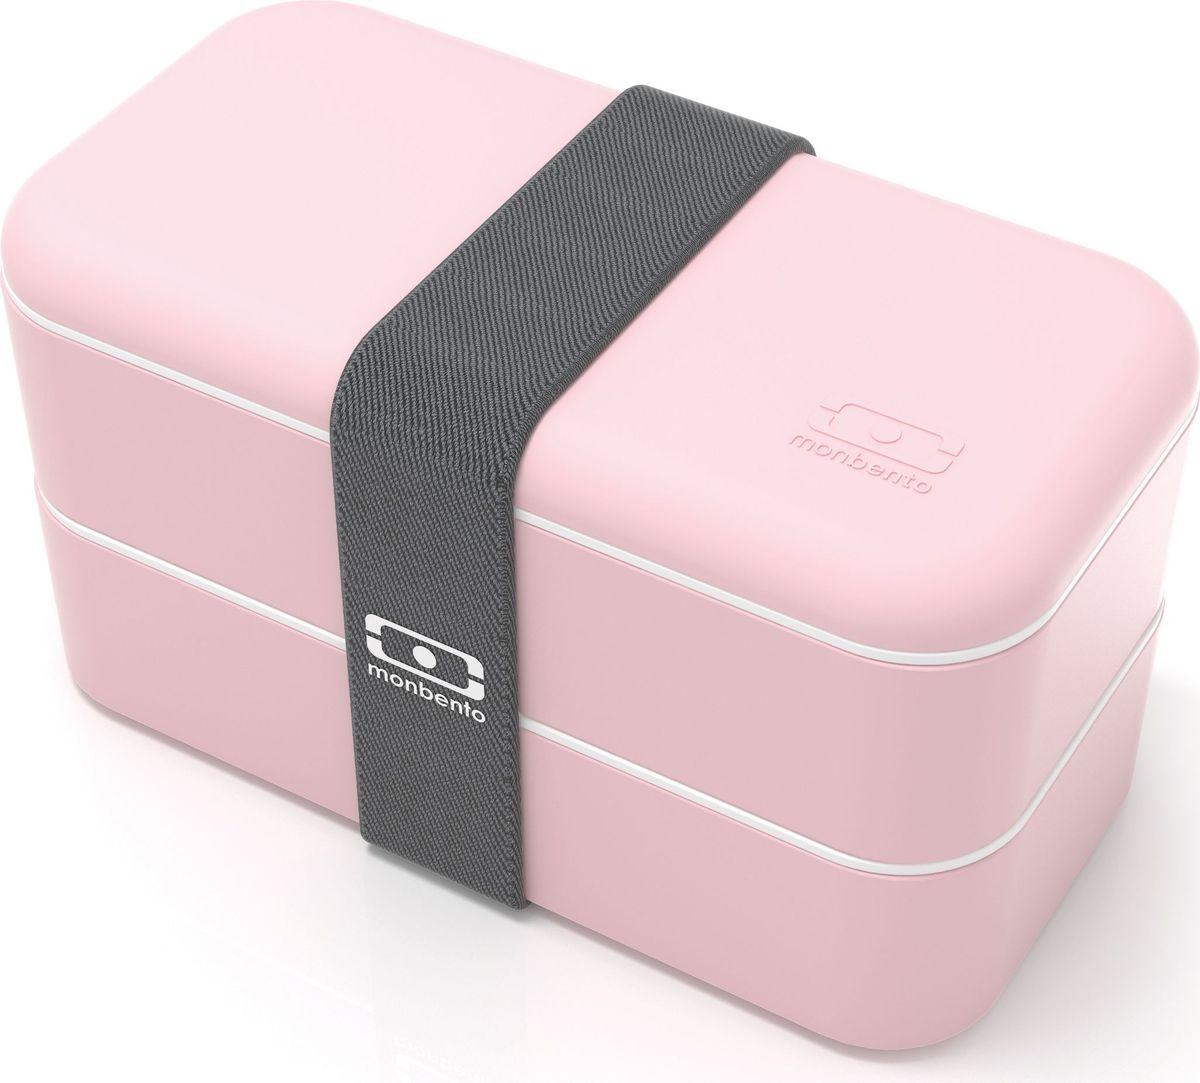 Ланч-бокс Monbento Original, цвет: личи, 1 л1200 12 106Ланчбокс Monbento Original изготовлен из высококачественного пищевого пластика с приятнымна ощупь прорезиненным покрытием soft-touch. Предназначен для хранения и переноски пищевыхпродуктов. Ланчбокс представляет собой два прямоугольных контейнера, в которых удобнохранить различные блюда. В комплекте также предусмотрена емкость для соуса, которая удобнопомещается в одном из контейнеров. Контейнеры вакуумные, что позволяет продуктам дольшеоставаться свежими и вкусными. Боксы дополнительно фиксируются друг над другомэластичным ремешком.Компактные размеры позволят хранить ланчбокс в любой сумке. Его удобно взять с собой наработу, отдых, в поездку. Теперь любимая домашняя еда всегда будет под рукой, а яркий дизайнподнимет настроение и подарит заряд позитива.Можно использовать в микроволновой печи и для хранения пищи в холодильнике, можномыть в посудомоечной машине. В крышке каждого контейнера - специальная пробка, которуюнадо вытащить, если вы разогреваете еду. Объем одного контейнера: 0,5 л.Общий размер ланчбокса: 18 см х 9 см х 10,5 см.Размер контейнера: 18 см х 9 см х 4,5 см.Размер емкости для соуса: 8,5 см х 4,5 см х 3 см. Объем емкости для соуса: 0,1 л.